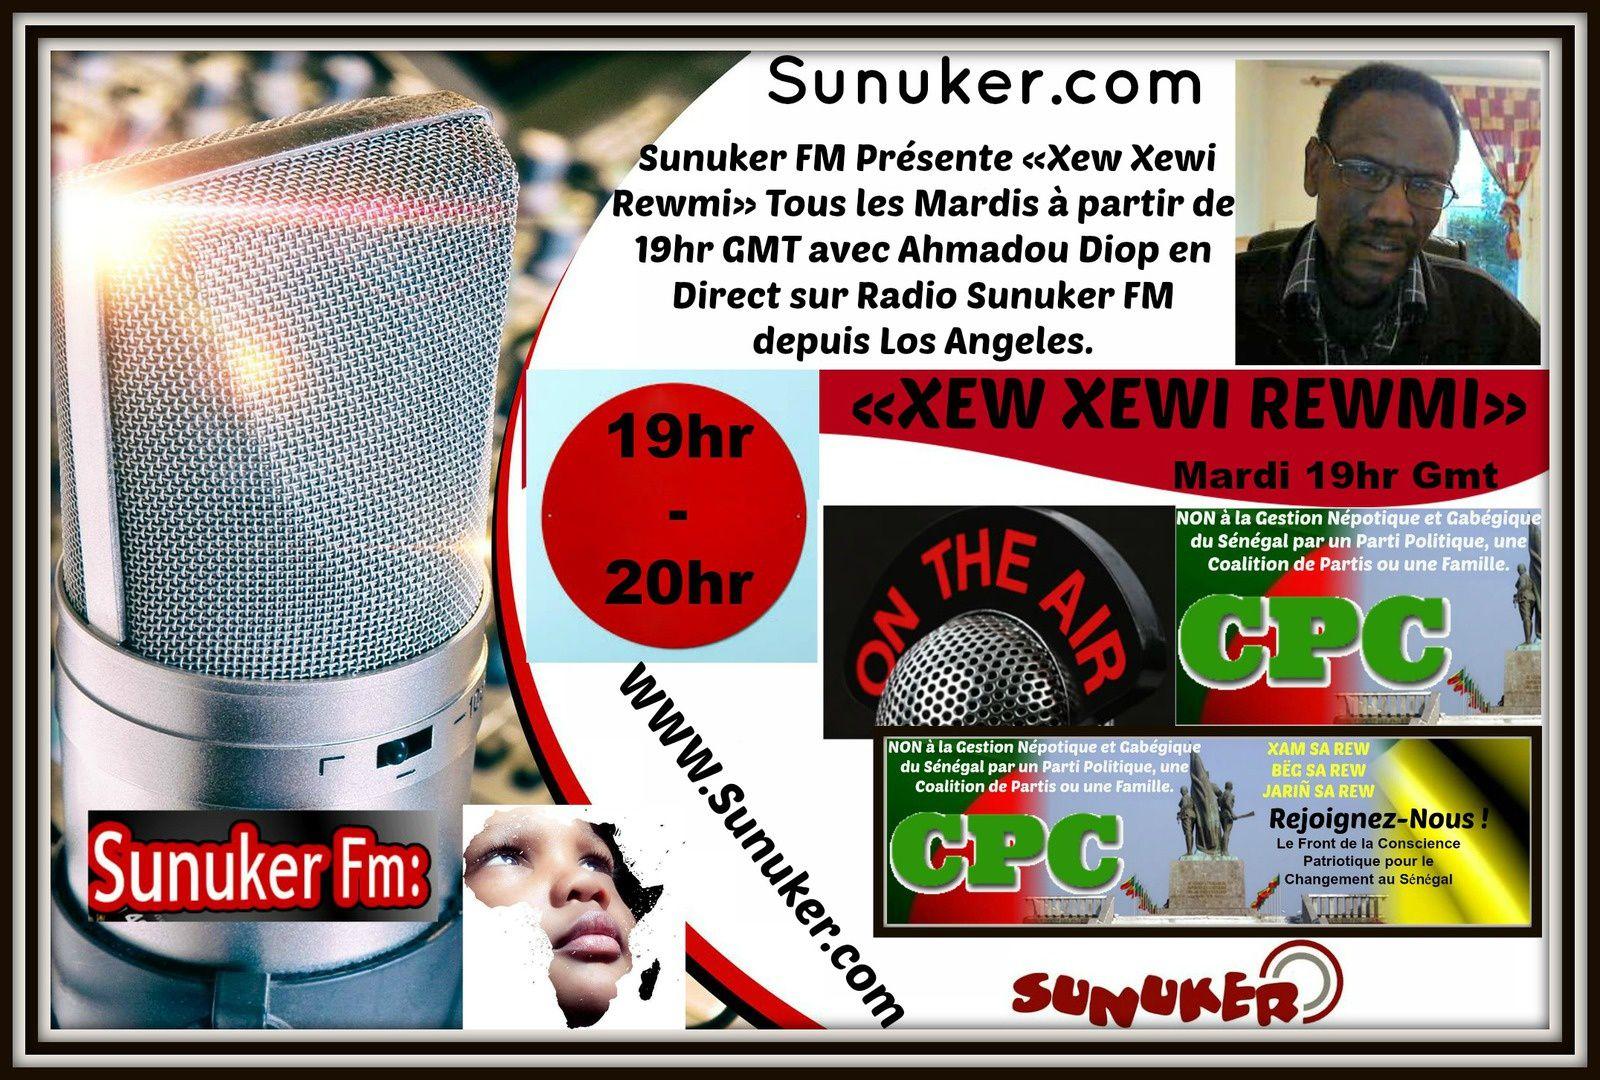 Radio Sunuker présente Emission « Xew Xewi Rewmi » avec Ahmadou Diop du 20 Janvier 2015